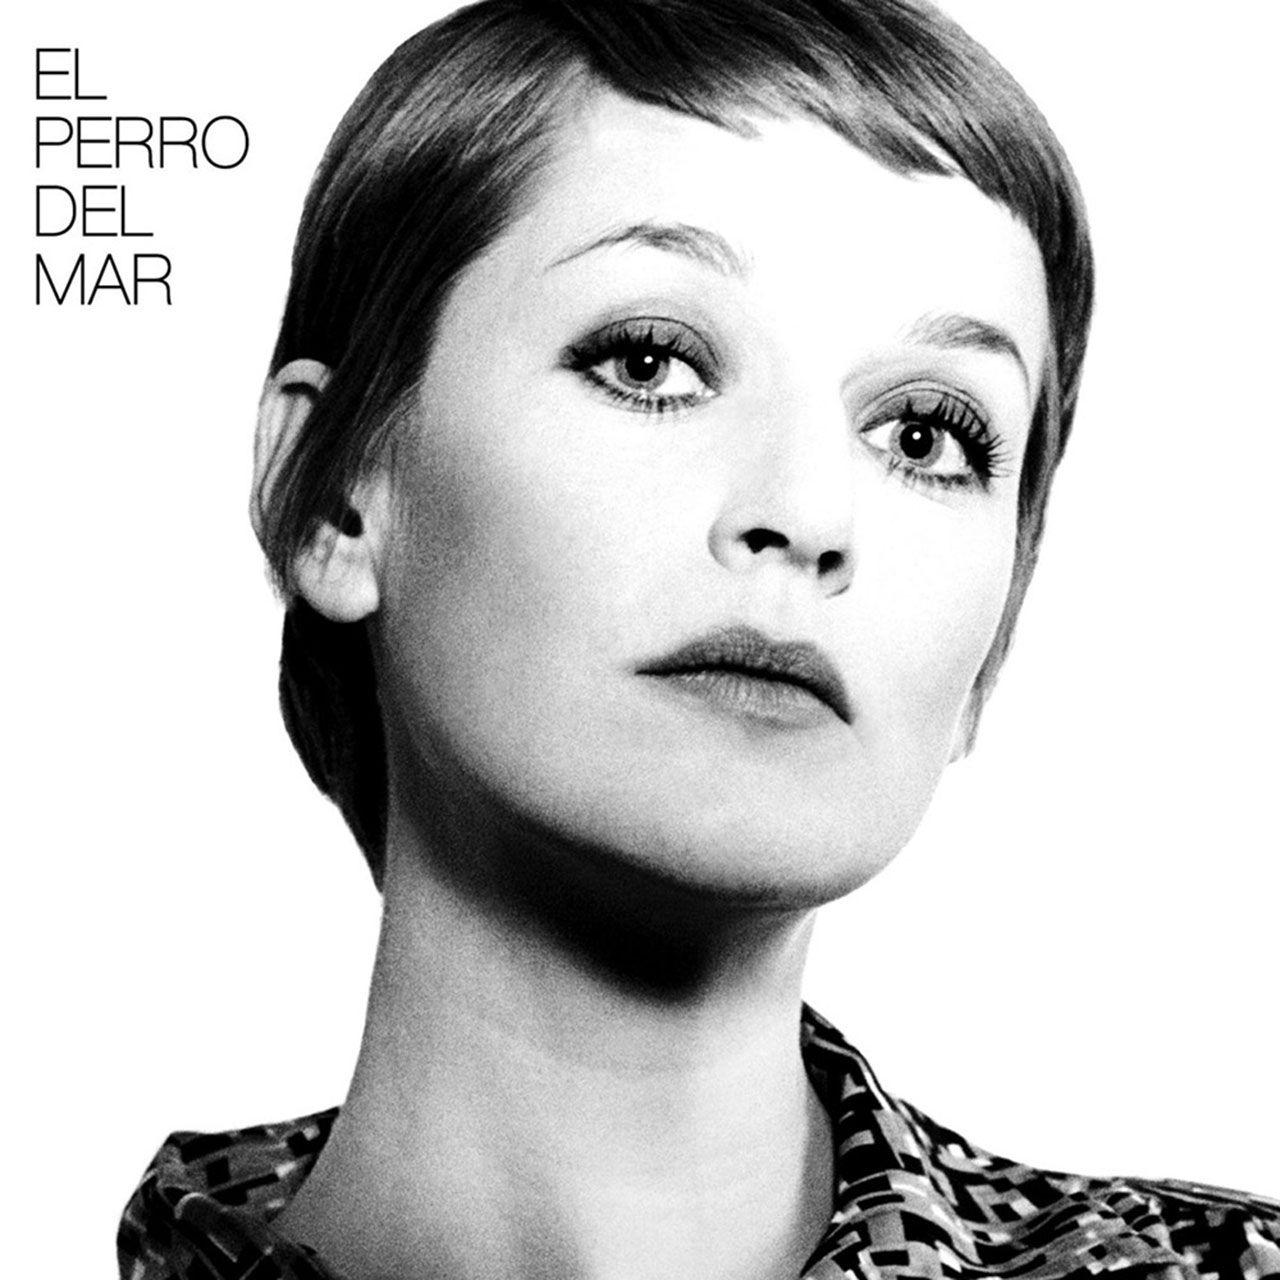 El Perro Del Mar gör cover på Carolas hitlåt